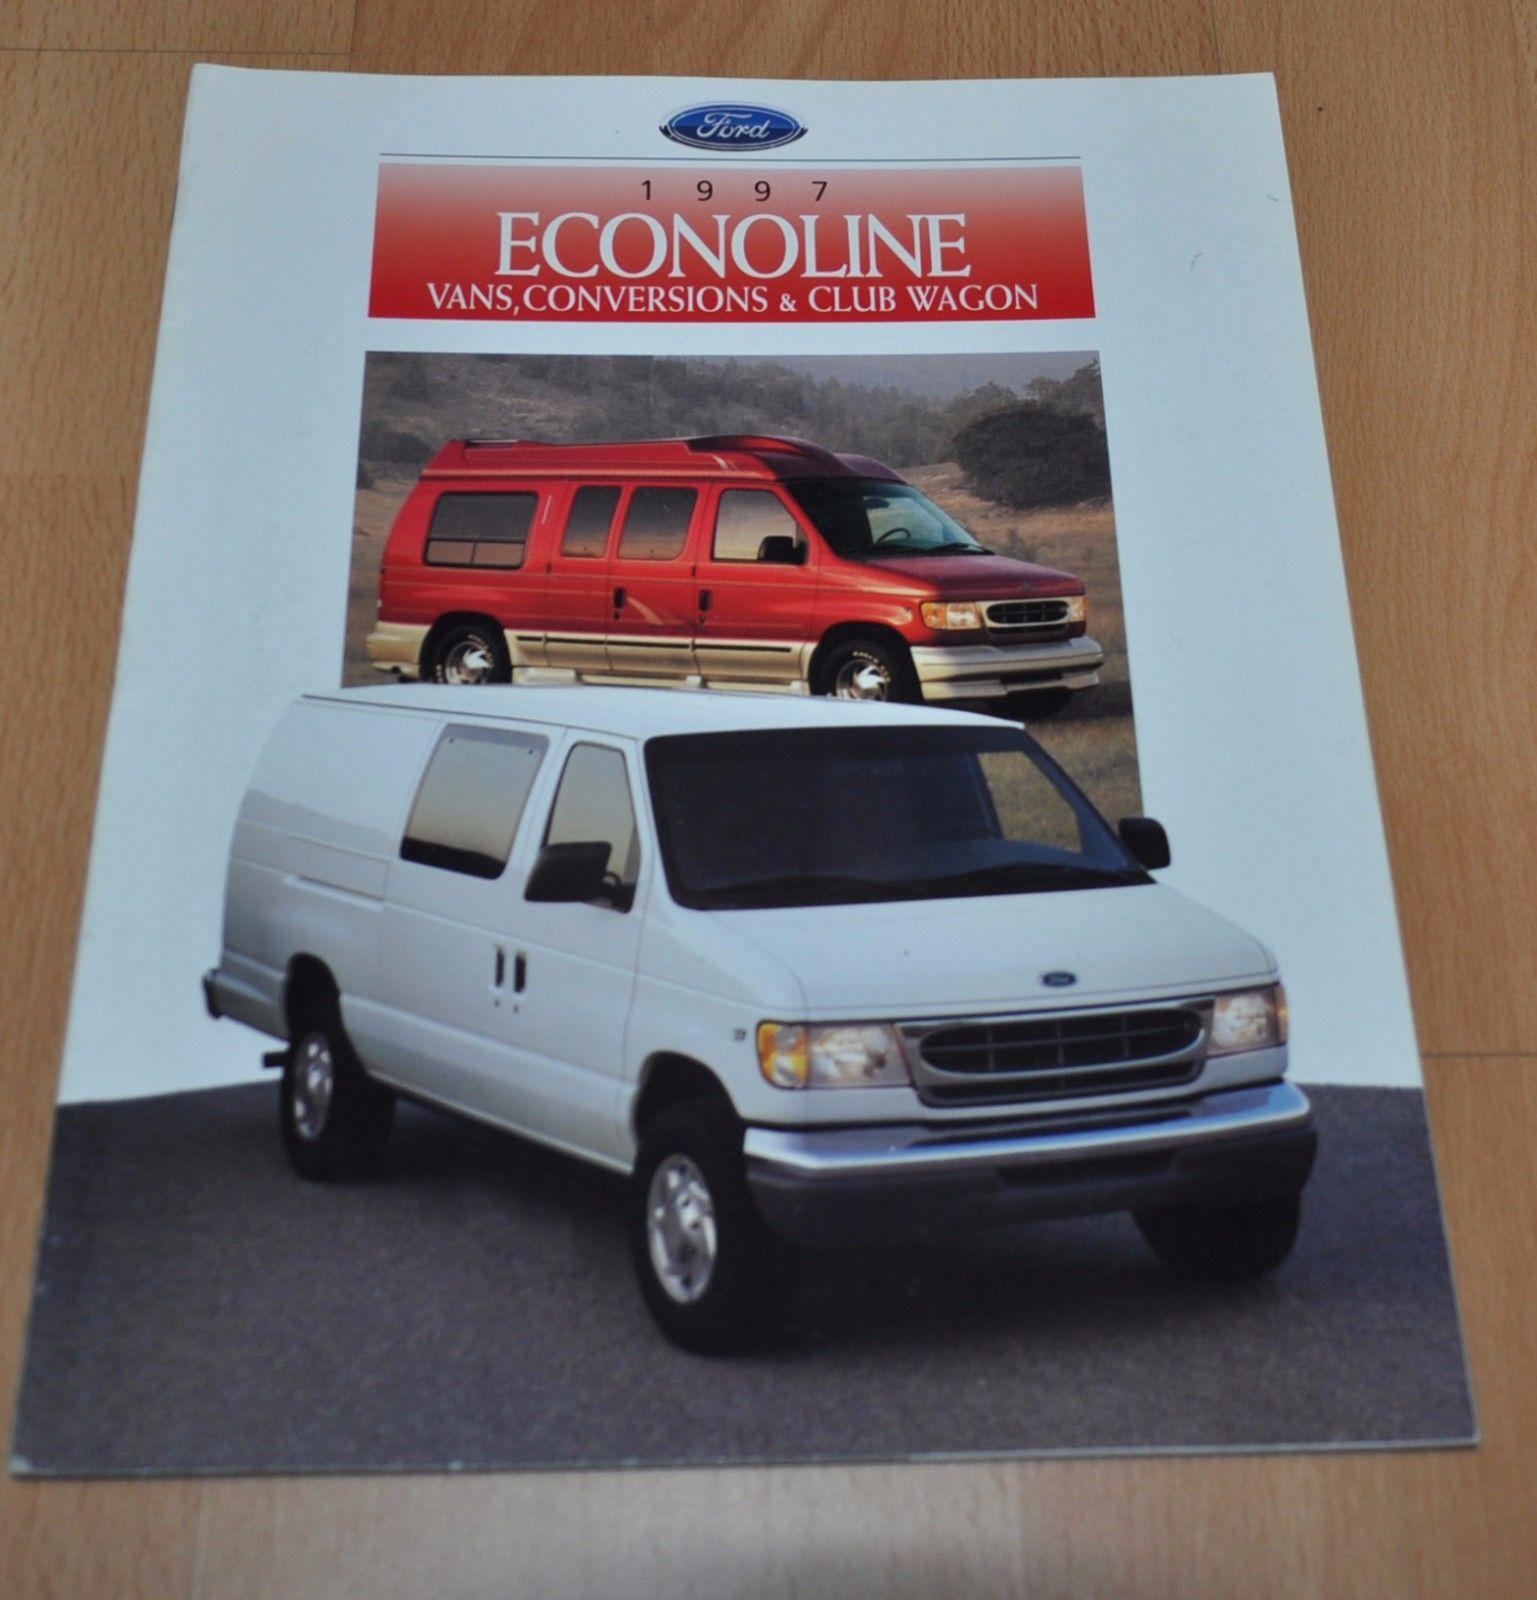 1997 Ford Club Wagon Vans Conversions Brochure Prospekt